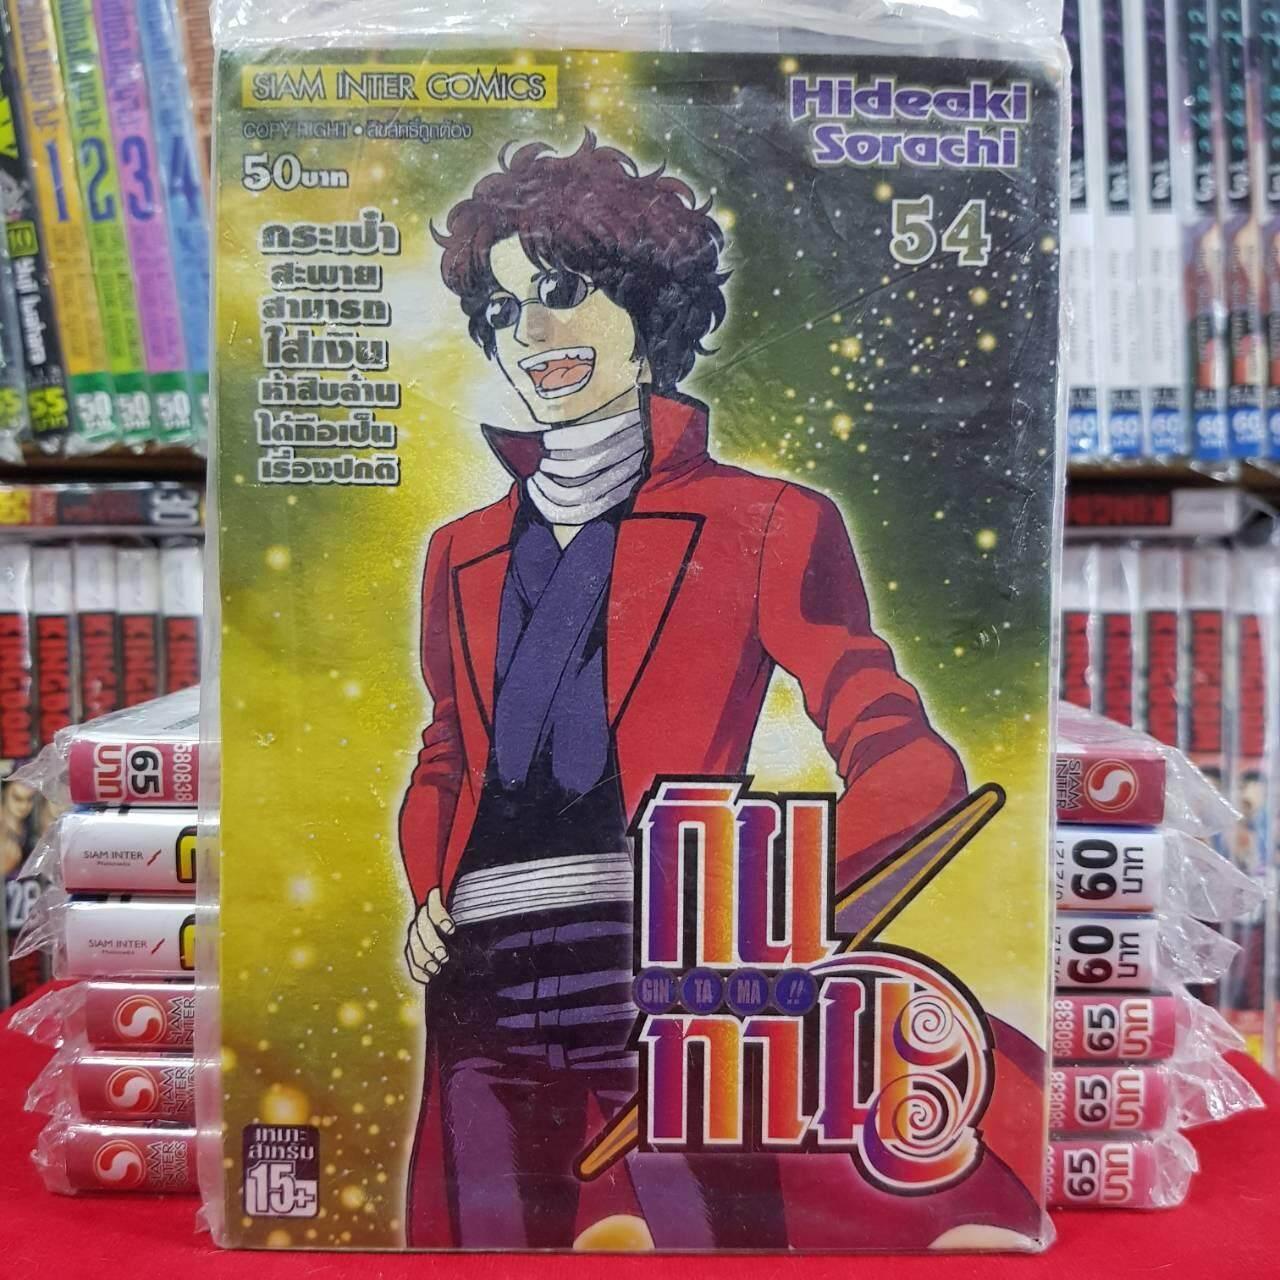 หนังสือการ์ตูน GINTAMA กินทามะ เล่มที่ 54